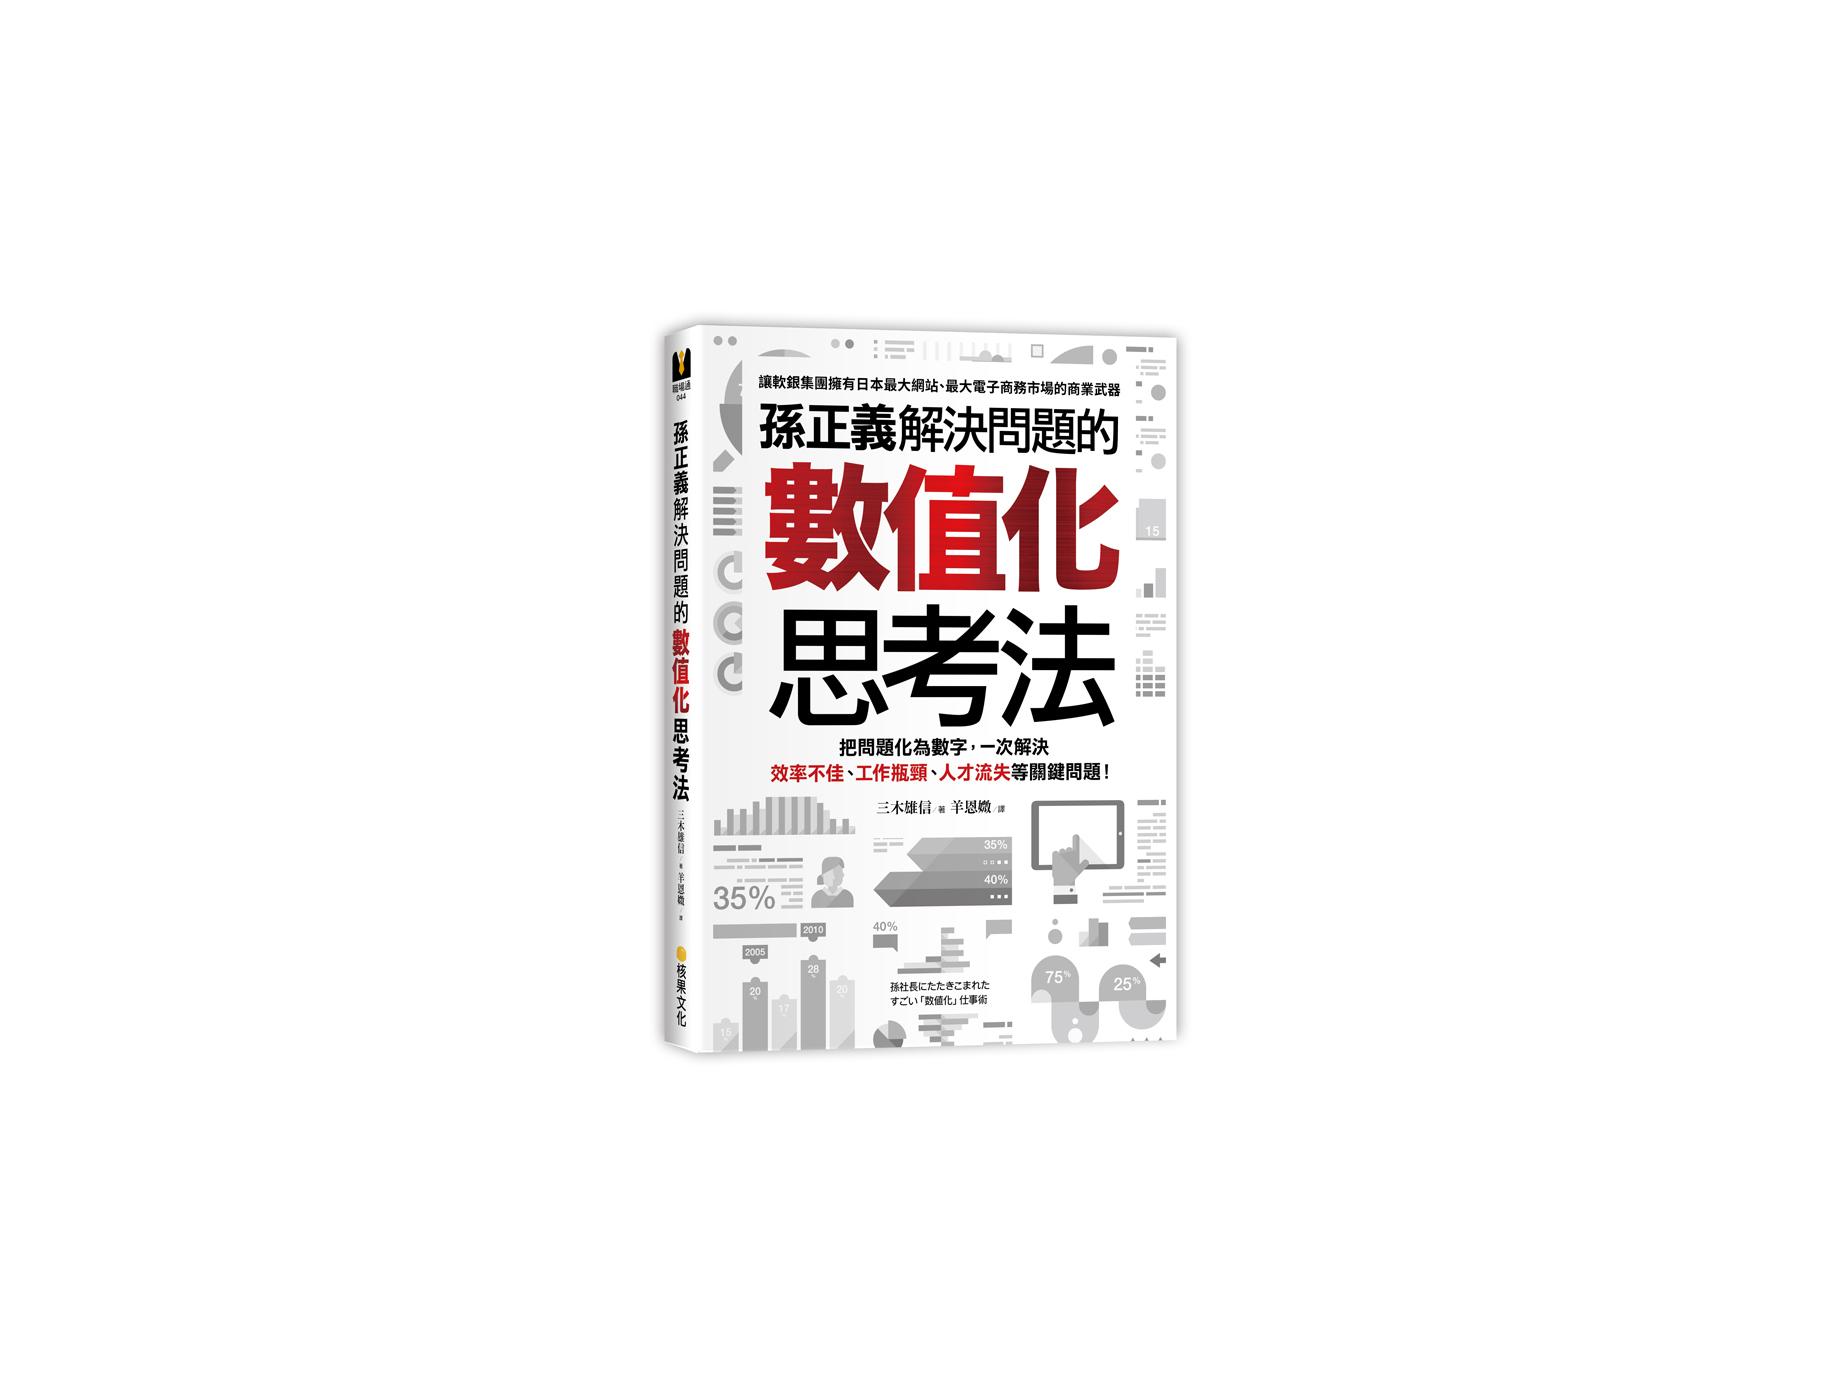 新書搶先看》孫總裁:策略不靠直覺,靠確實的數學思考